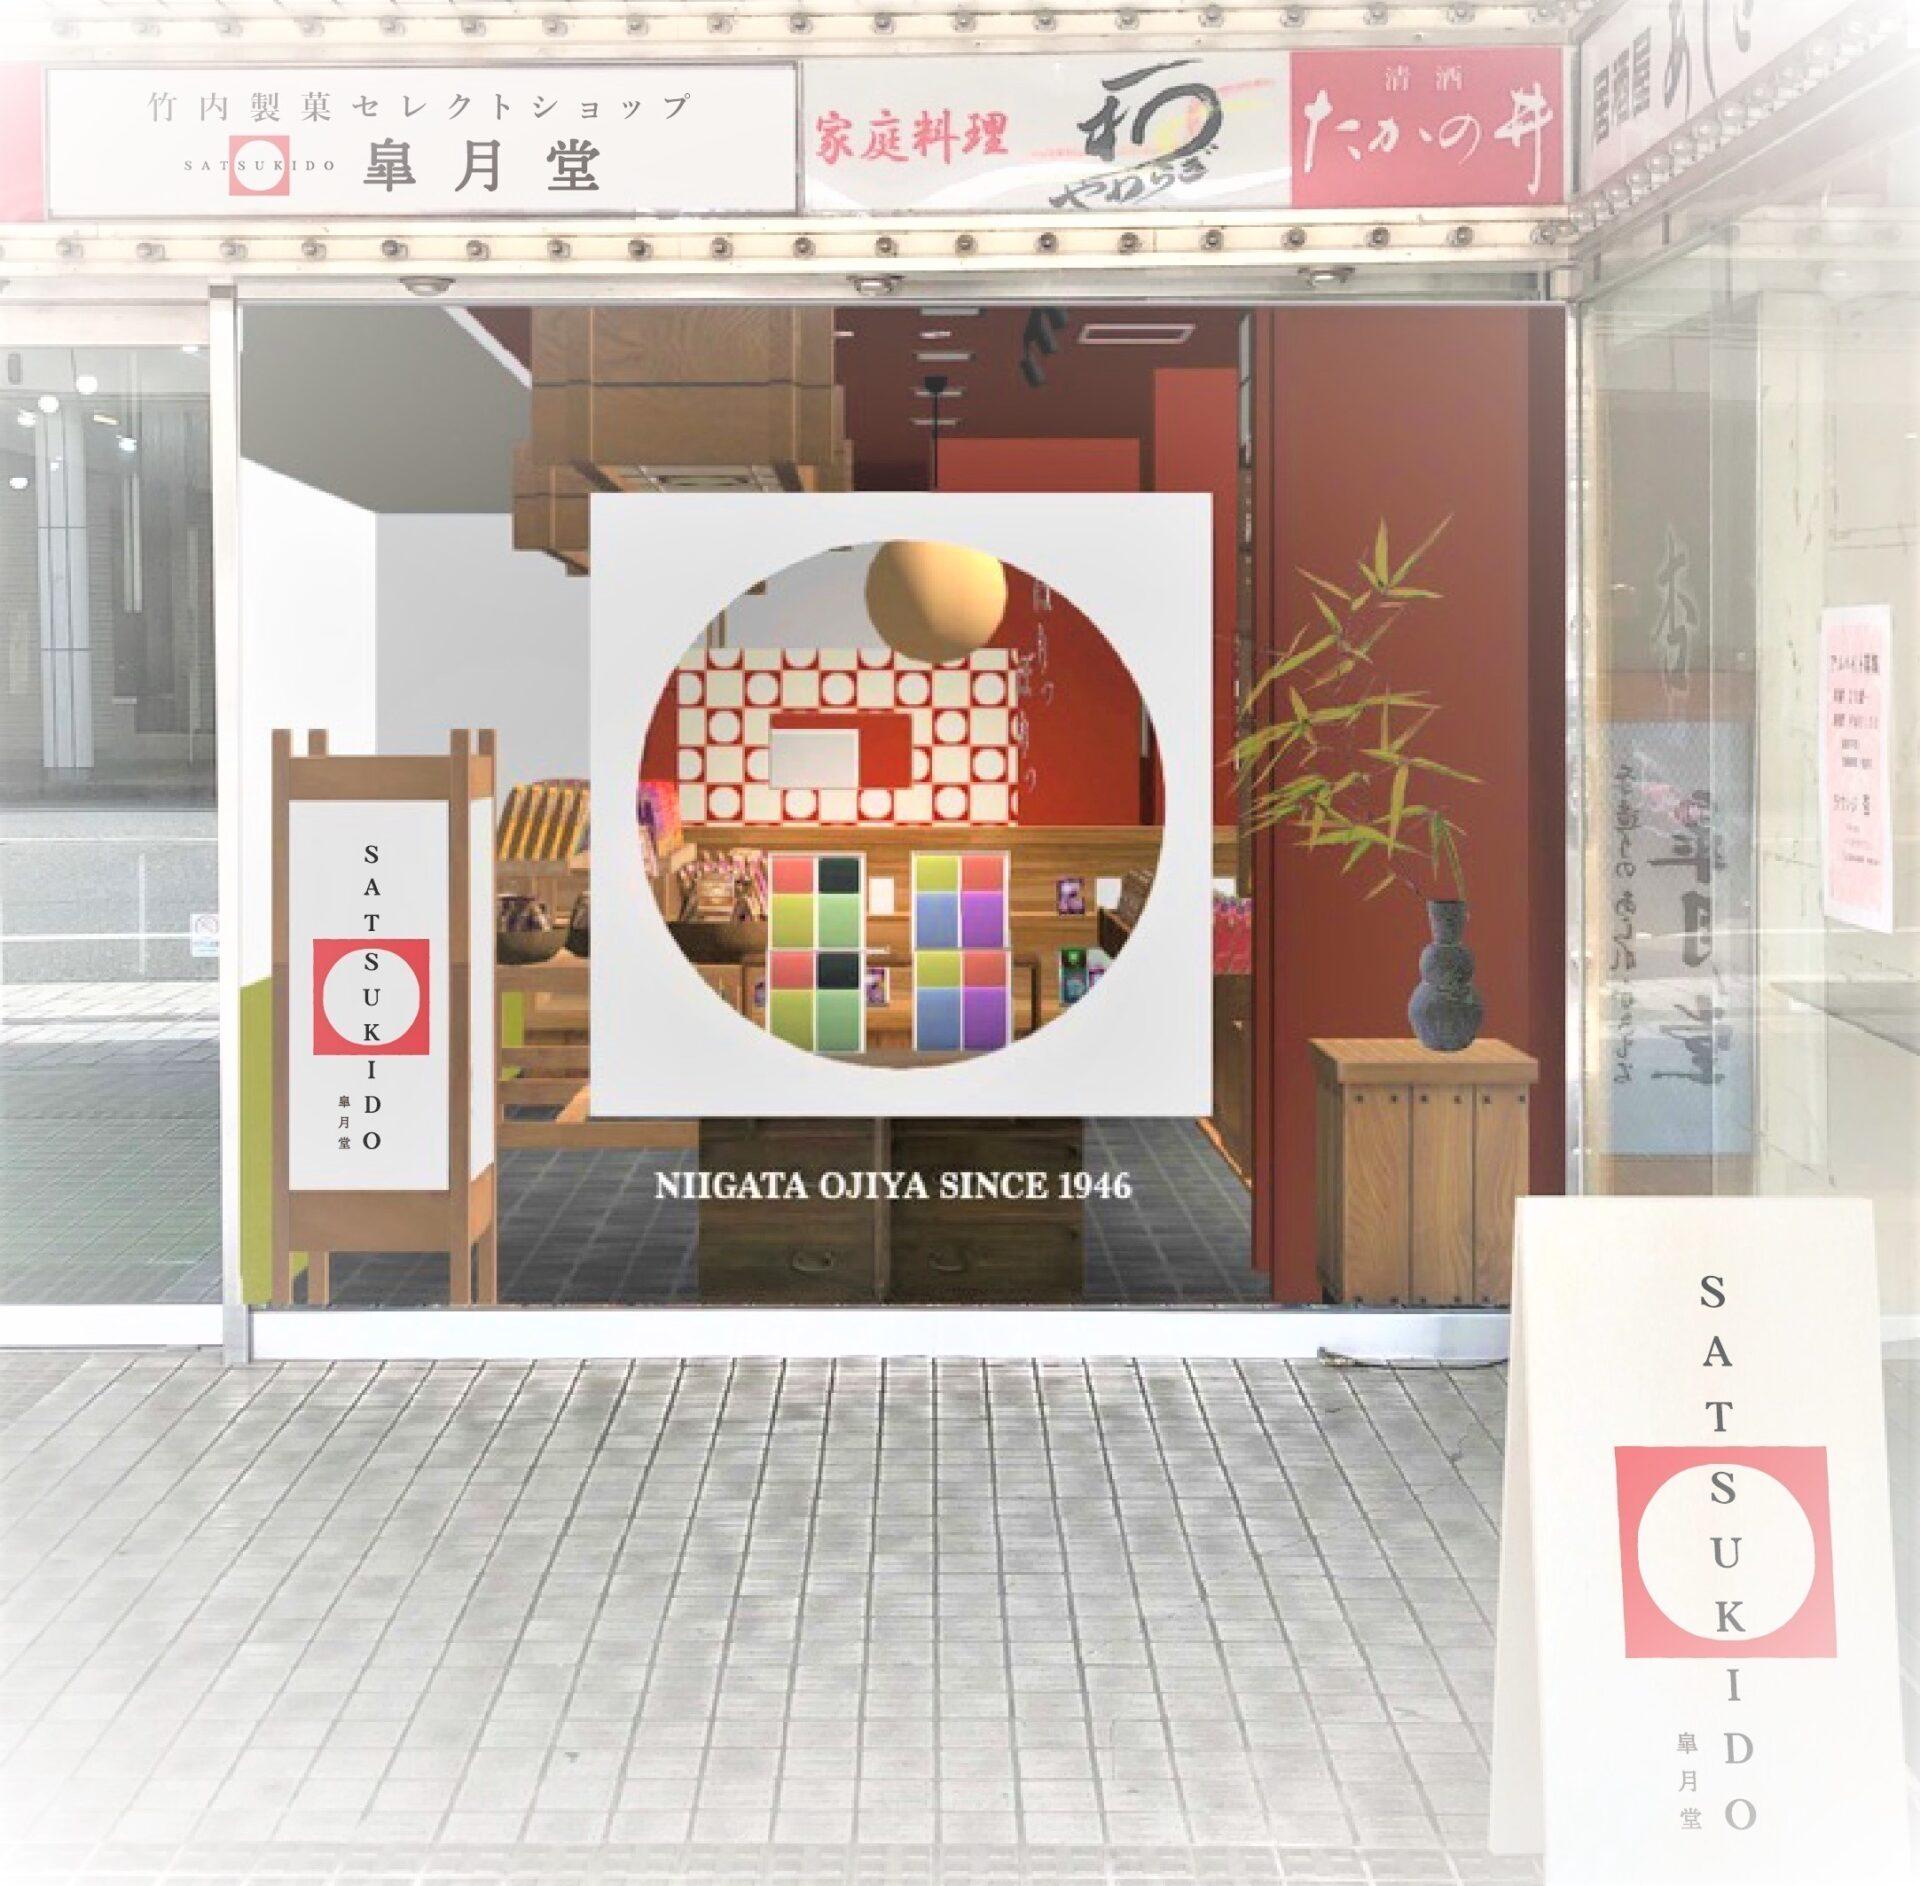 竹内製菓セレクトショップ皐月堂リニューアルオープン プレスリリース